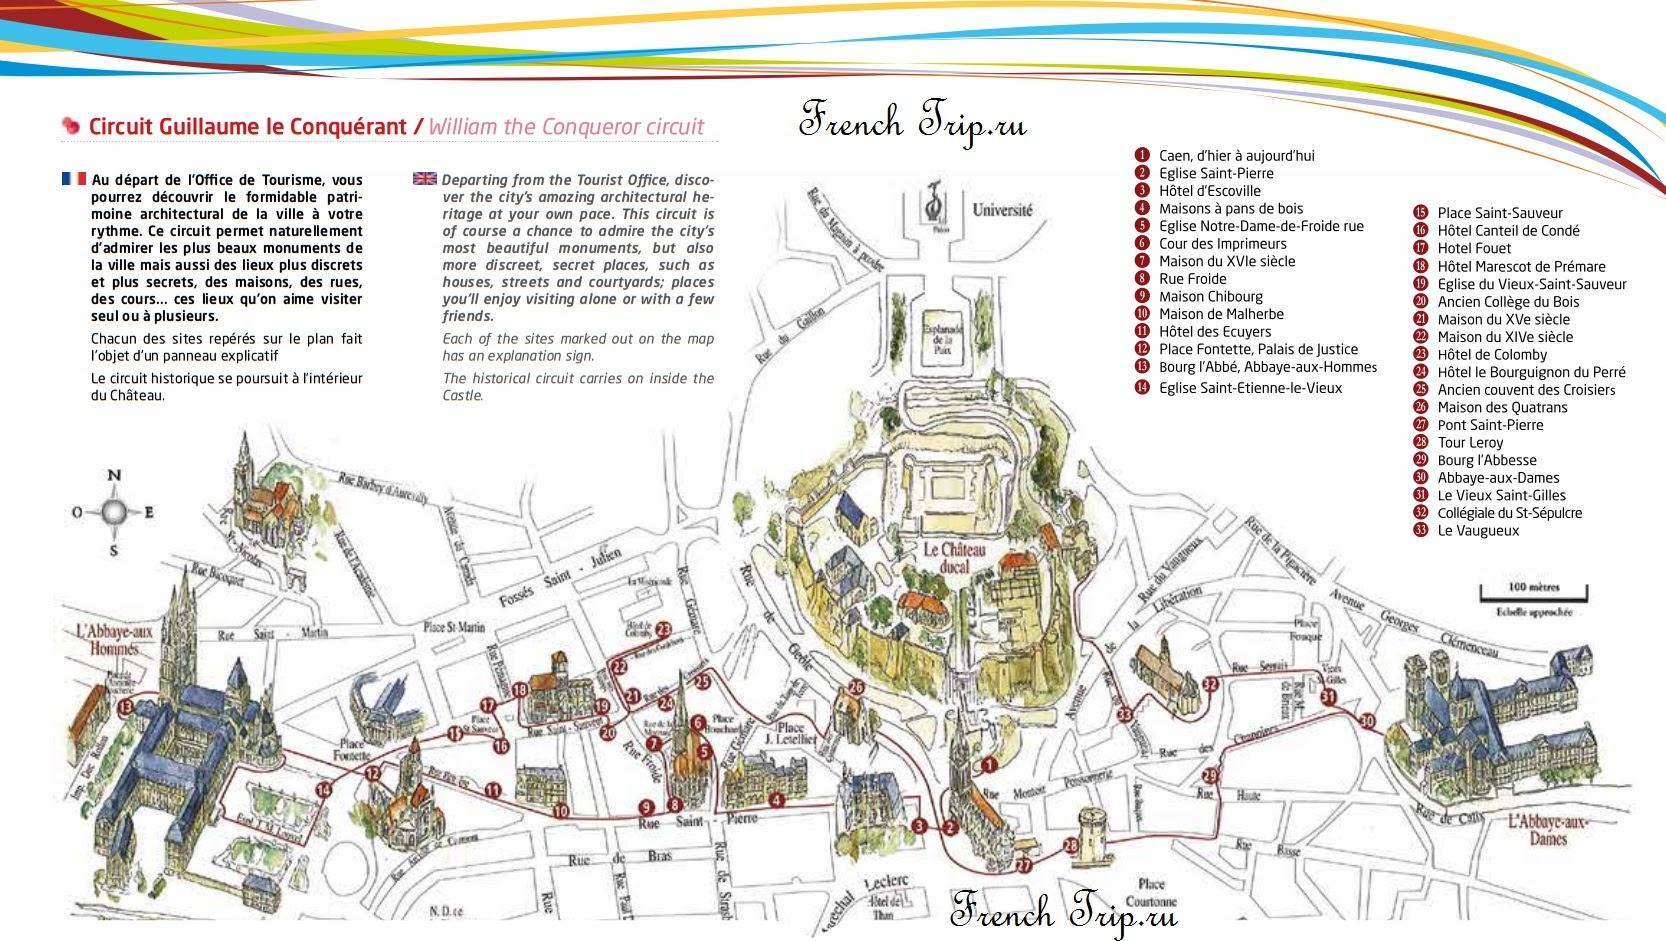 Туристический маршрут по городу Кан - по следам Вильгельма Завоевателя